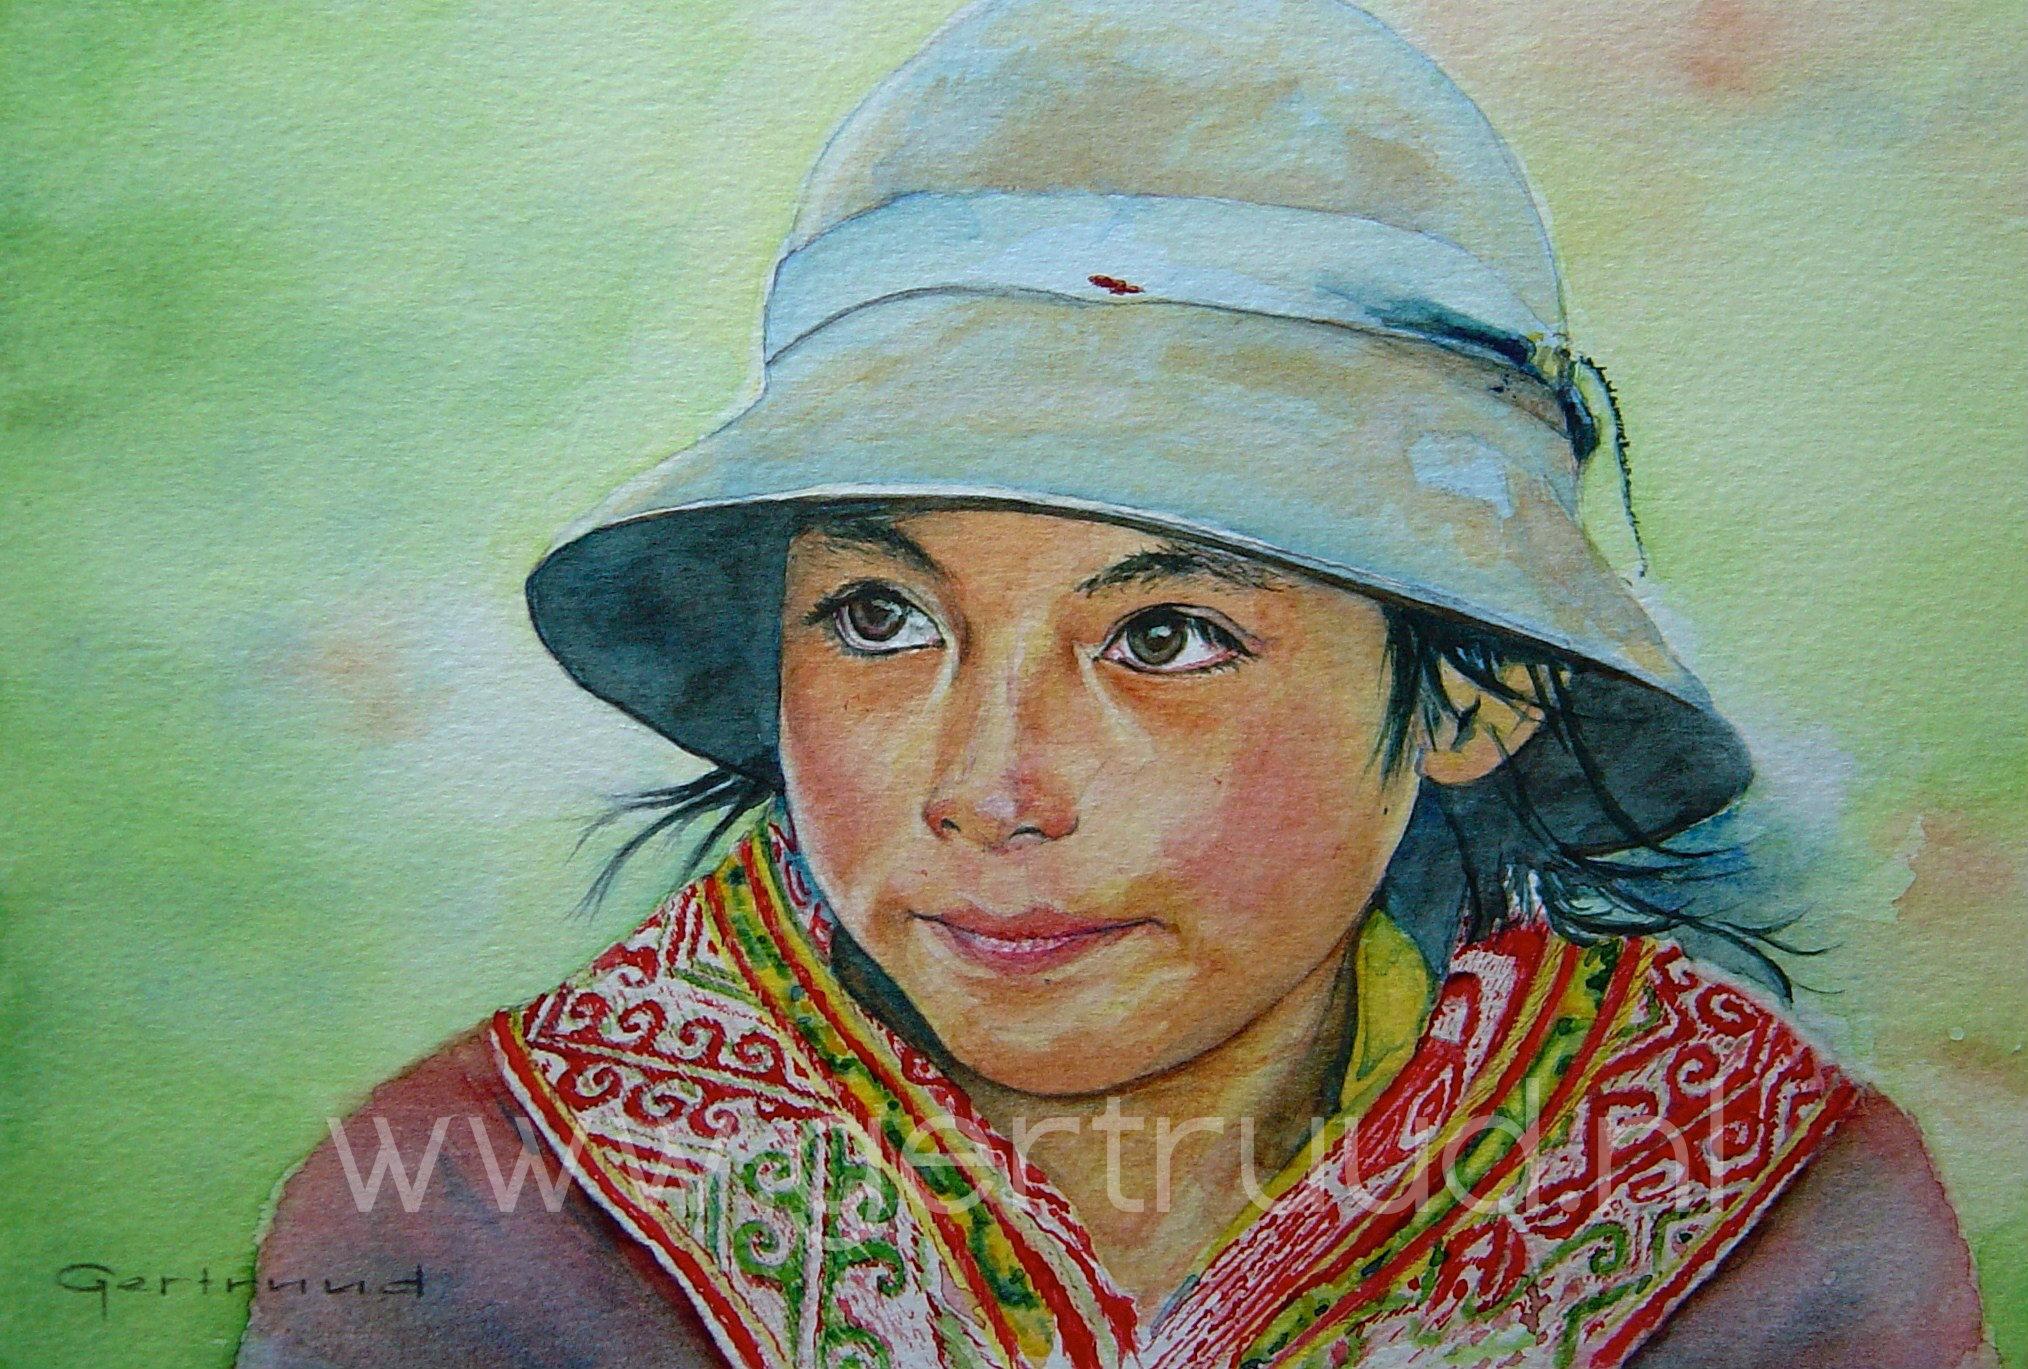 Peruaans meisje watermerk